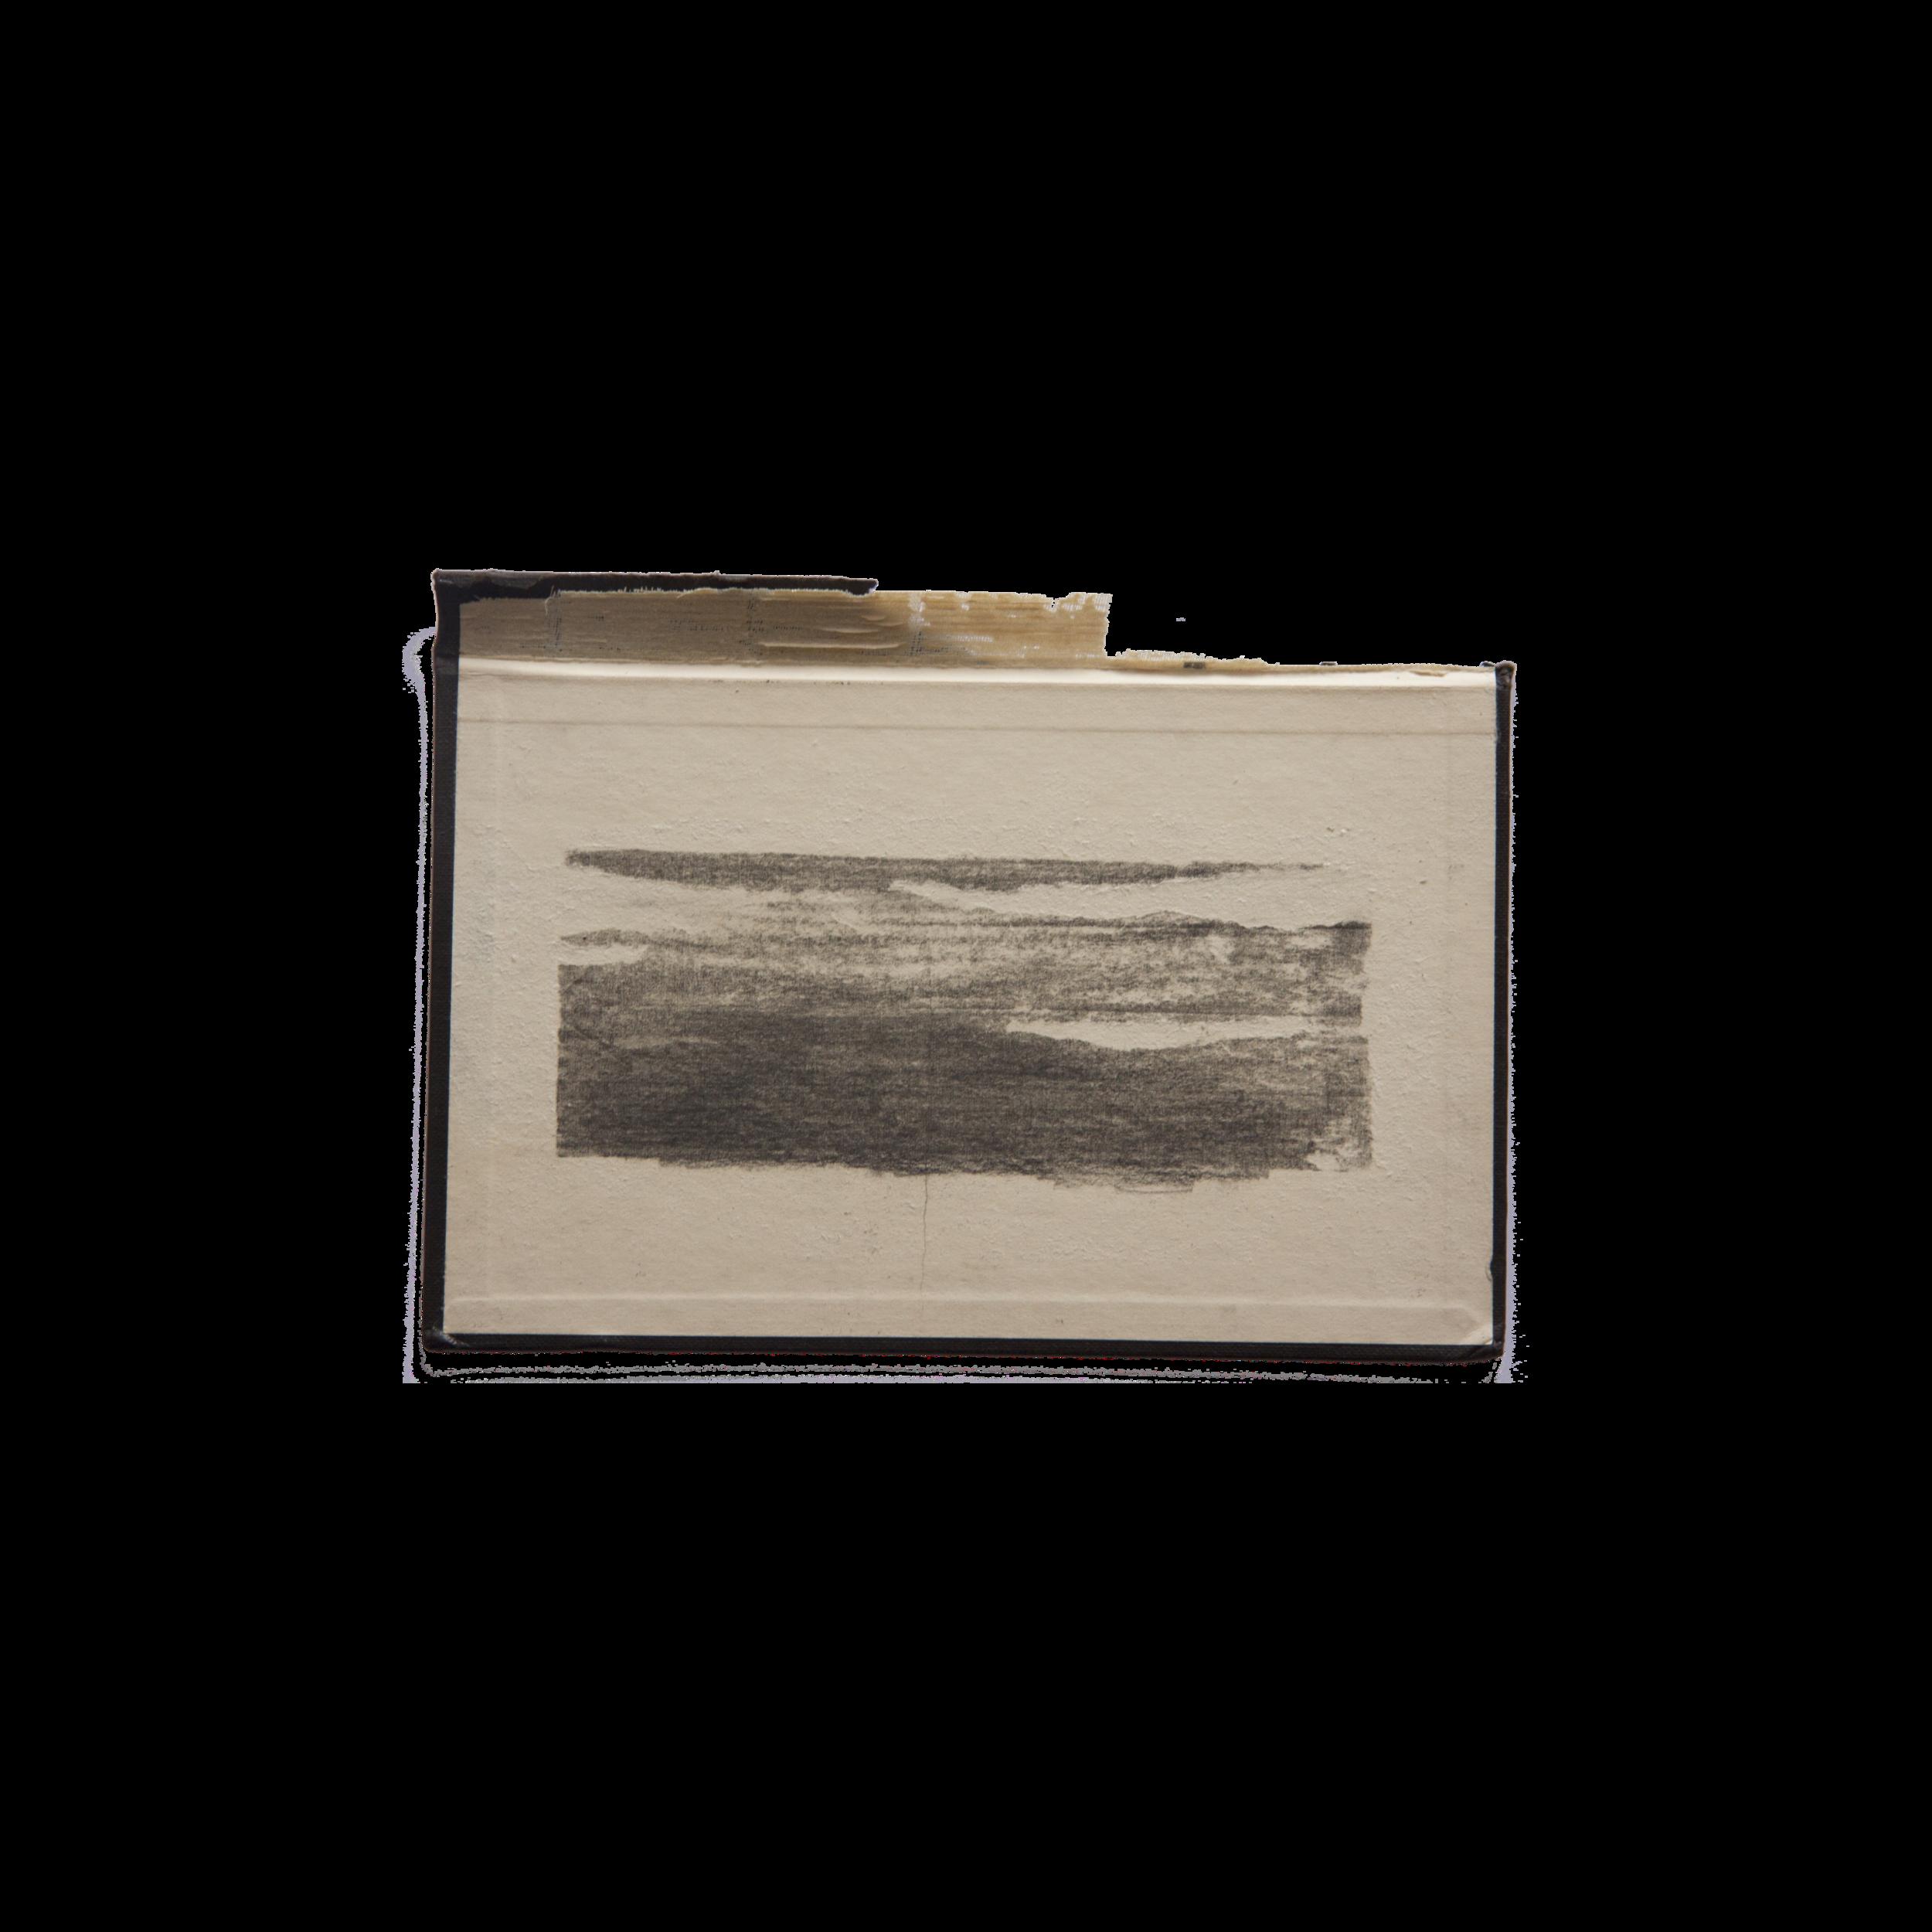 P2_ 21 x 13 cm_Grafito sobre tapa de libro_2015.png